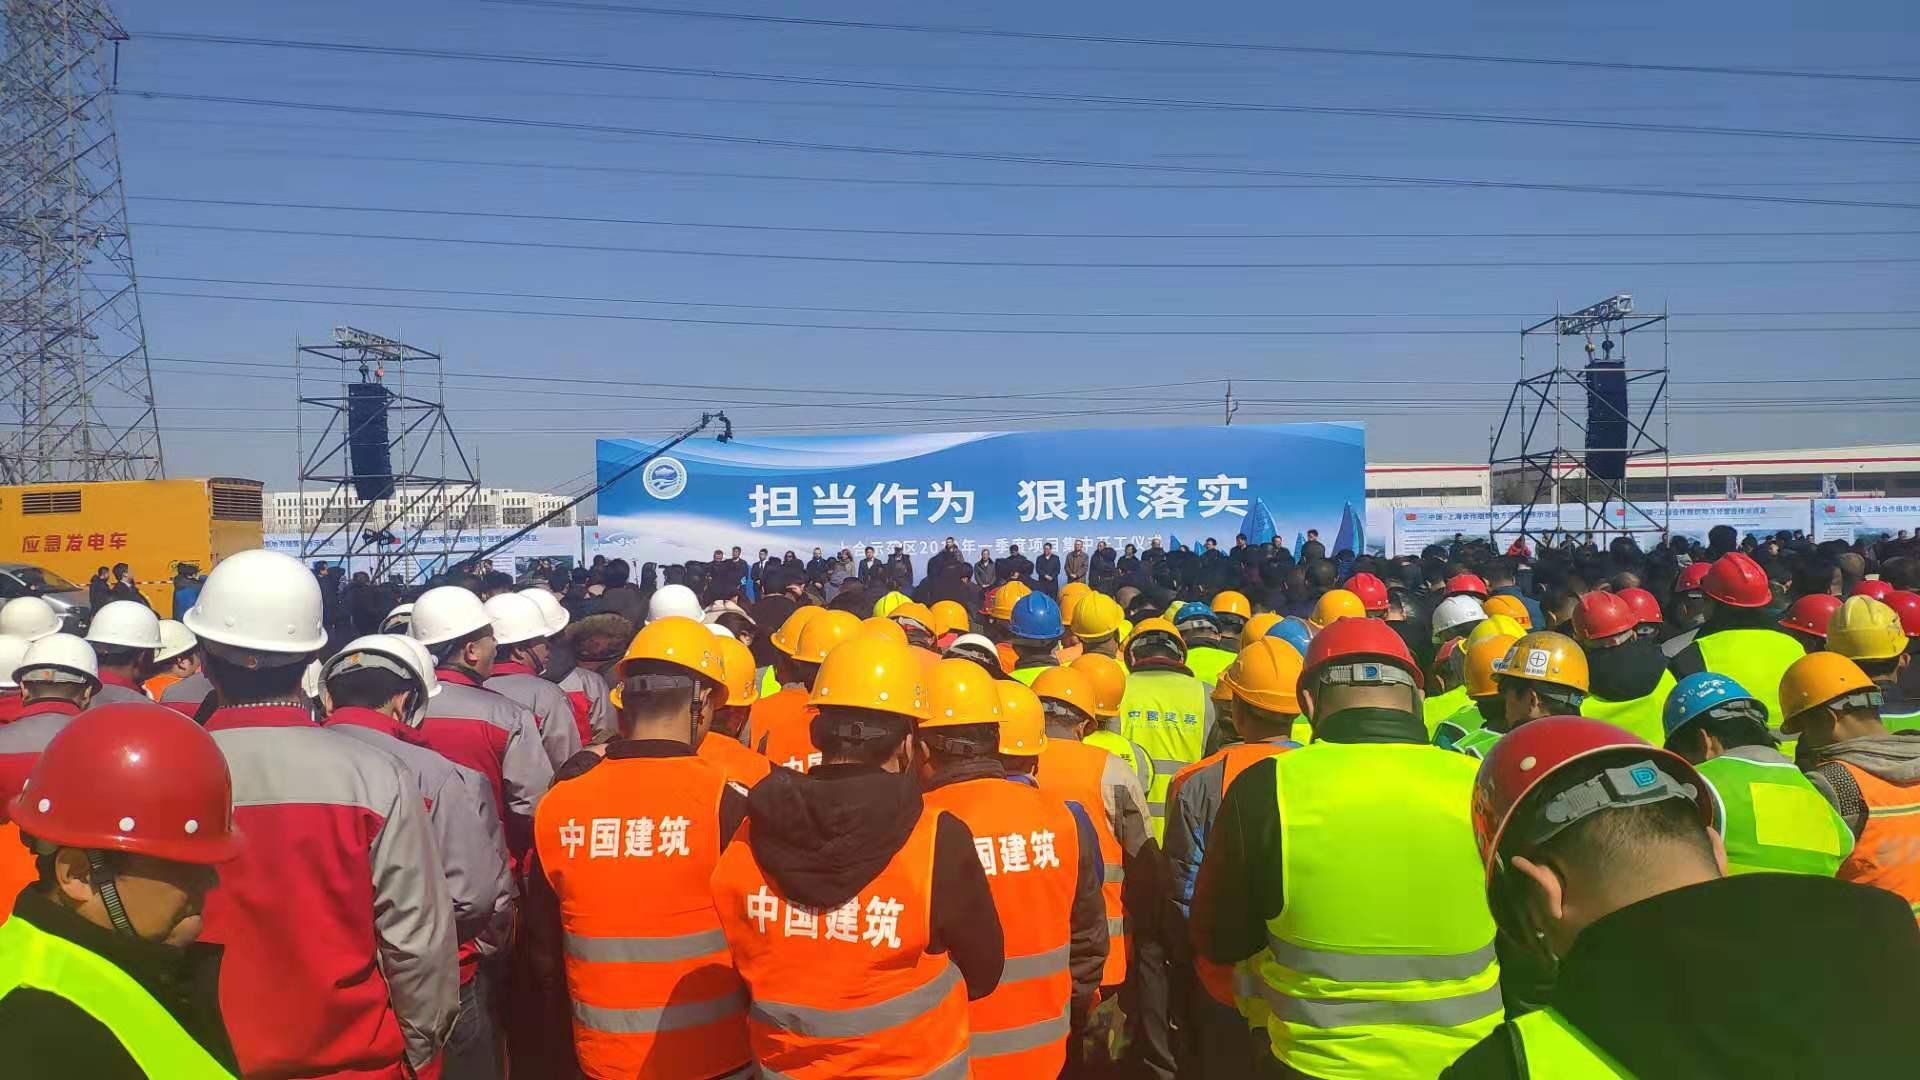 迎来首季开门红 中国-上合地方经贸合作示范区项目集中开工